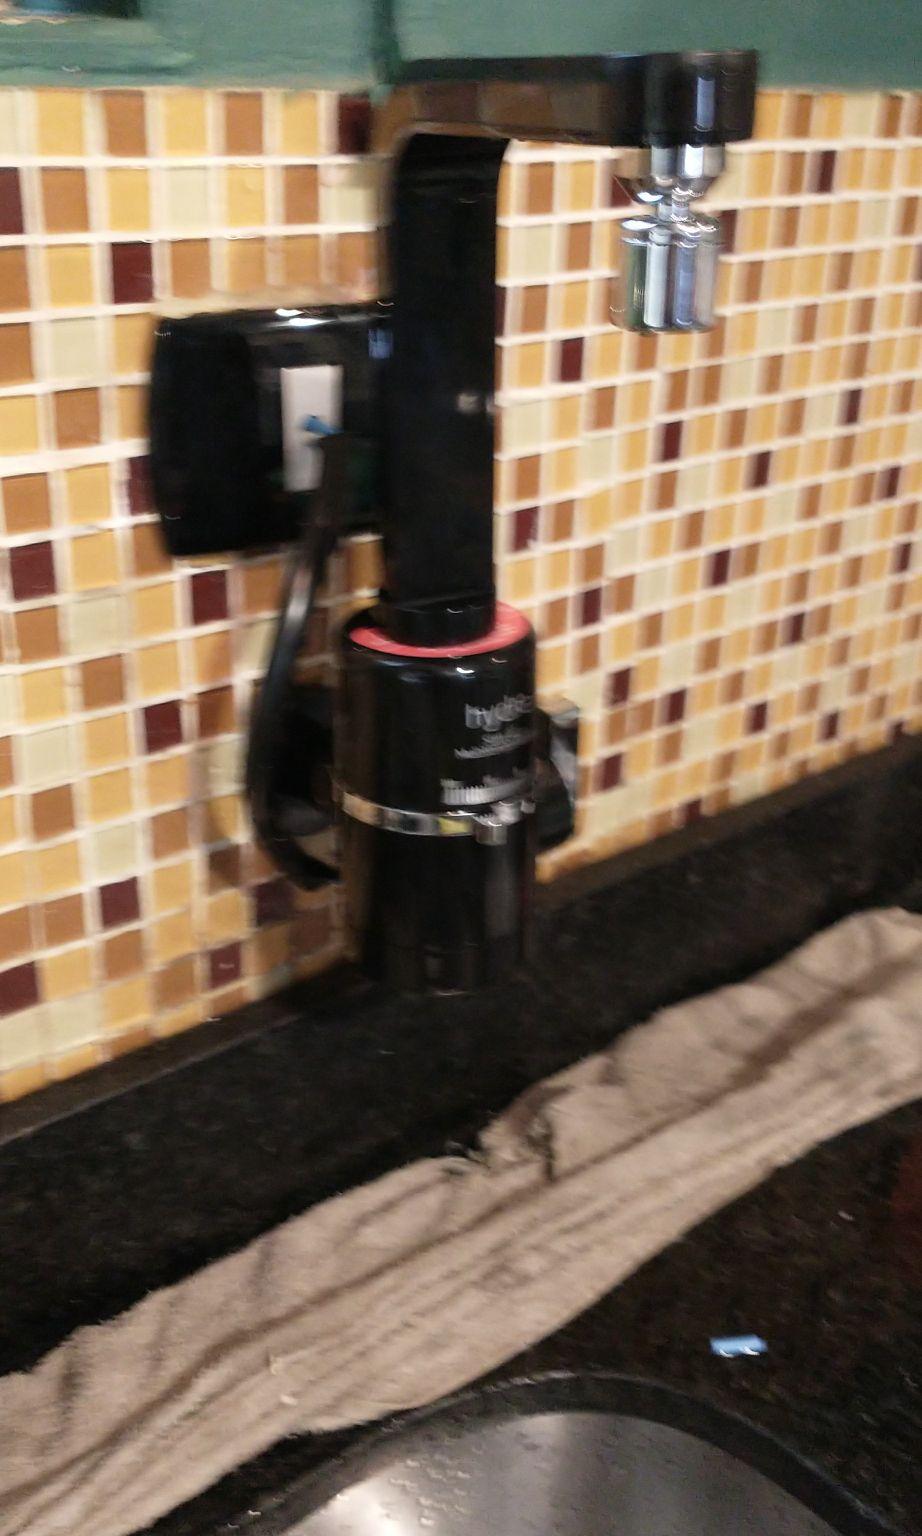 instalação de torneiras elétricas.